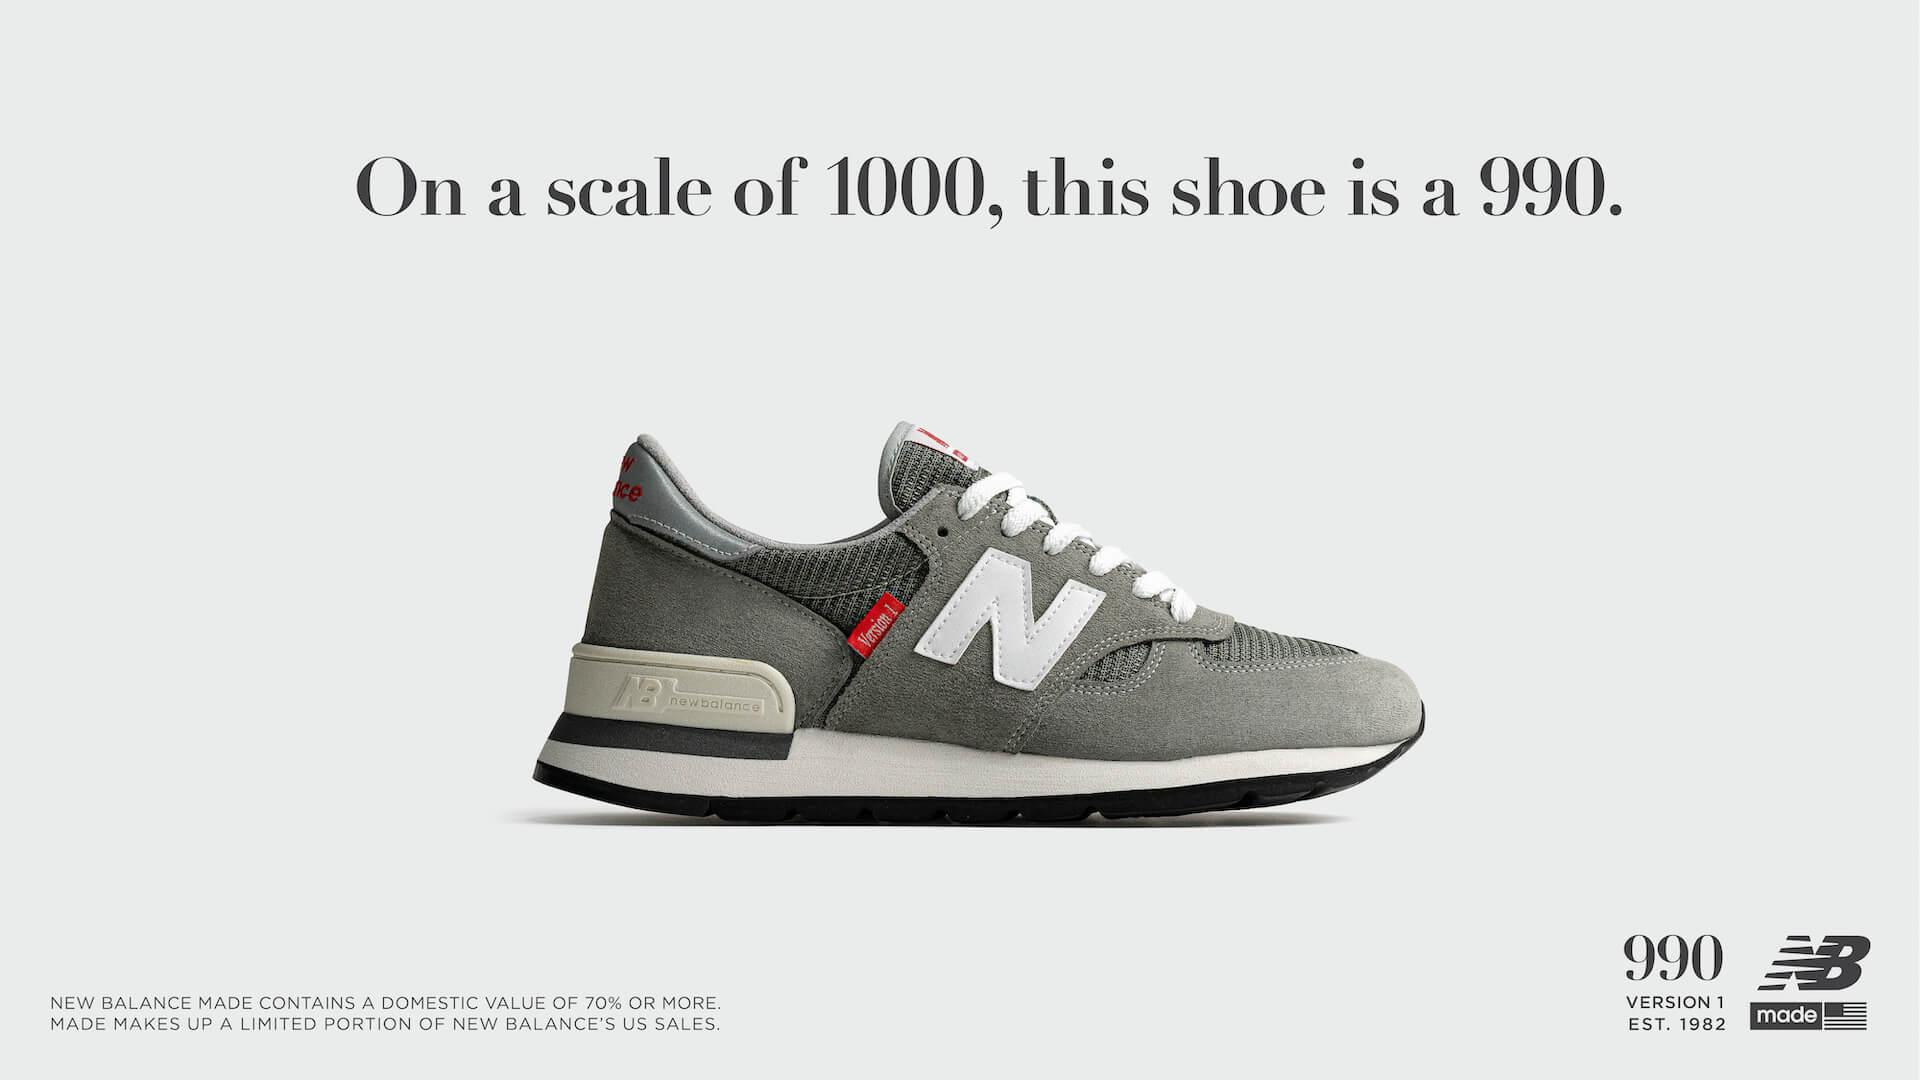 ニューバランス「990バージョン」シリーズの過去バージョンが続々再販決定!「990v2」「990v3」のグレー、ブラック、ネイビーも life210607_newbalance_990_1